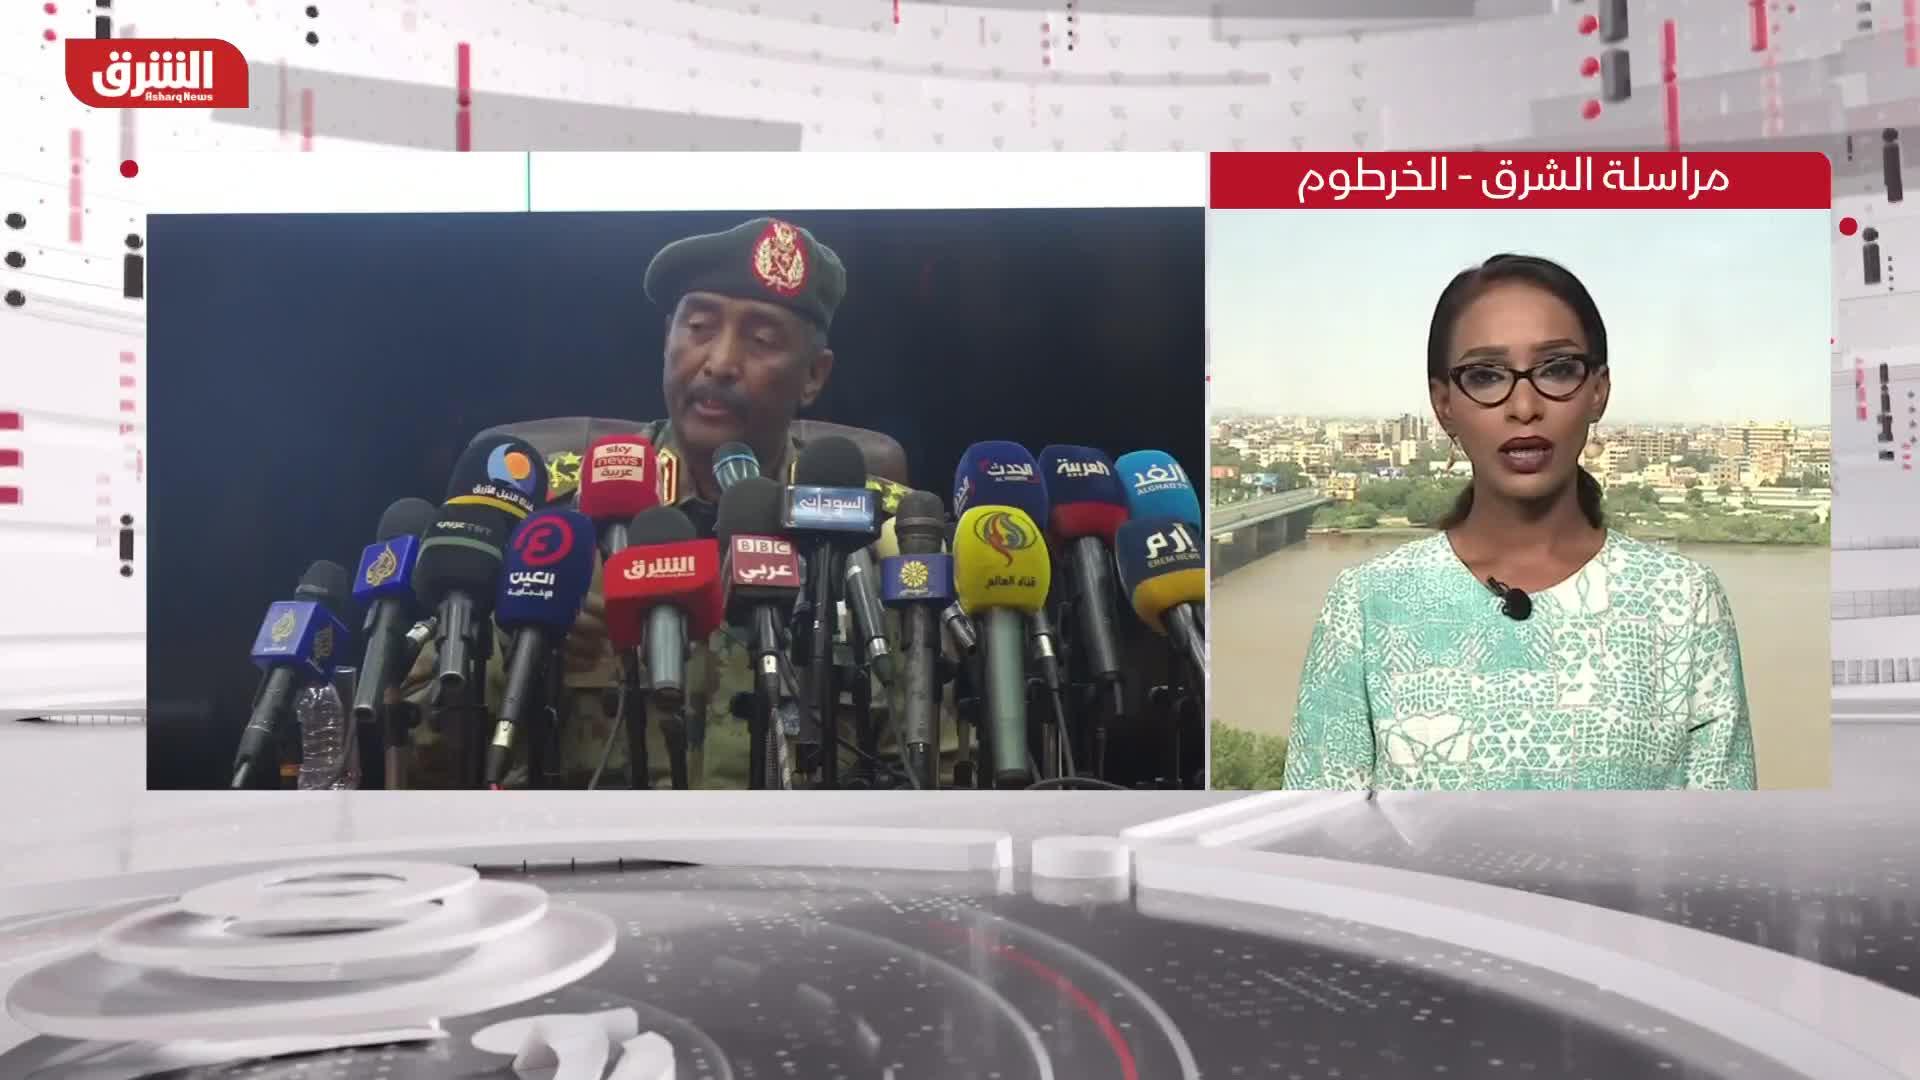 ما حدود الاستجابة لمطالب العصيان المدني والاضراب العام في السودان؟